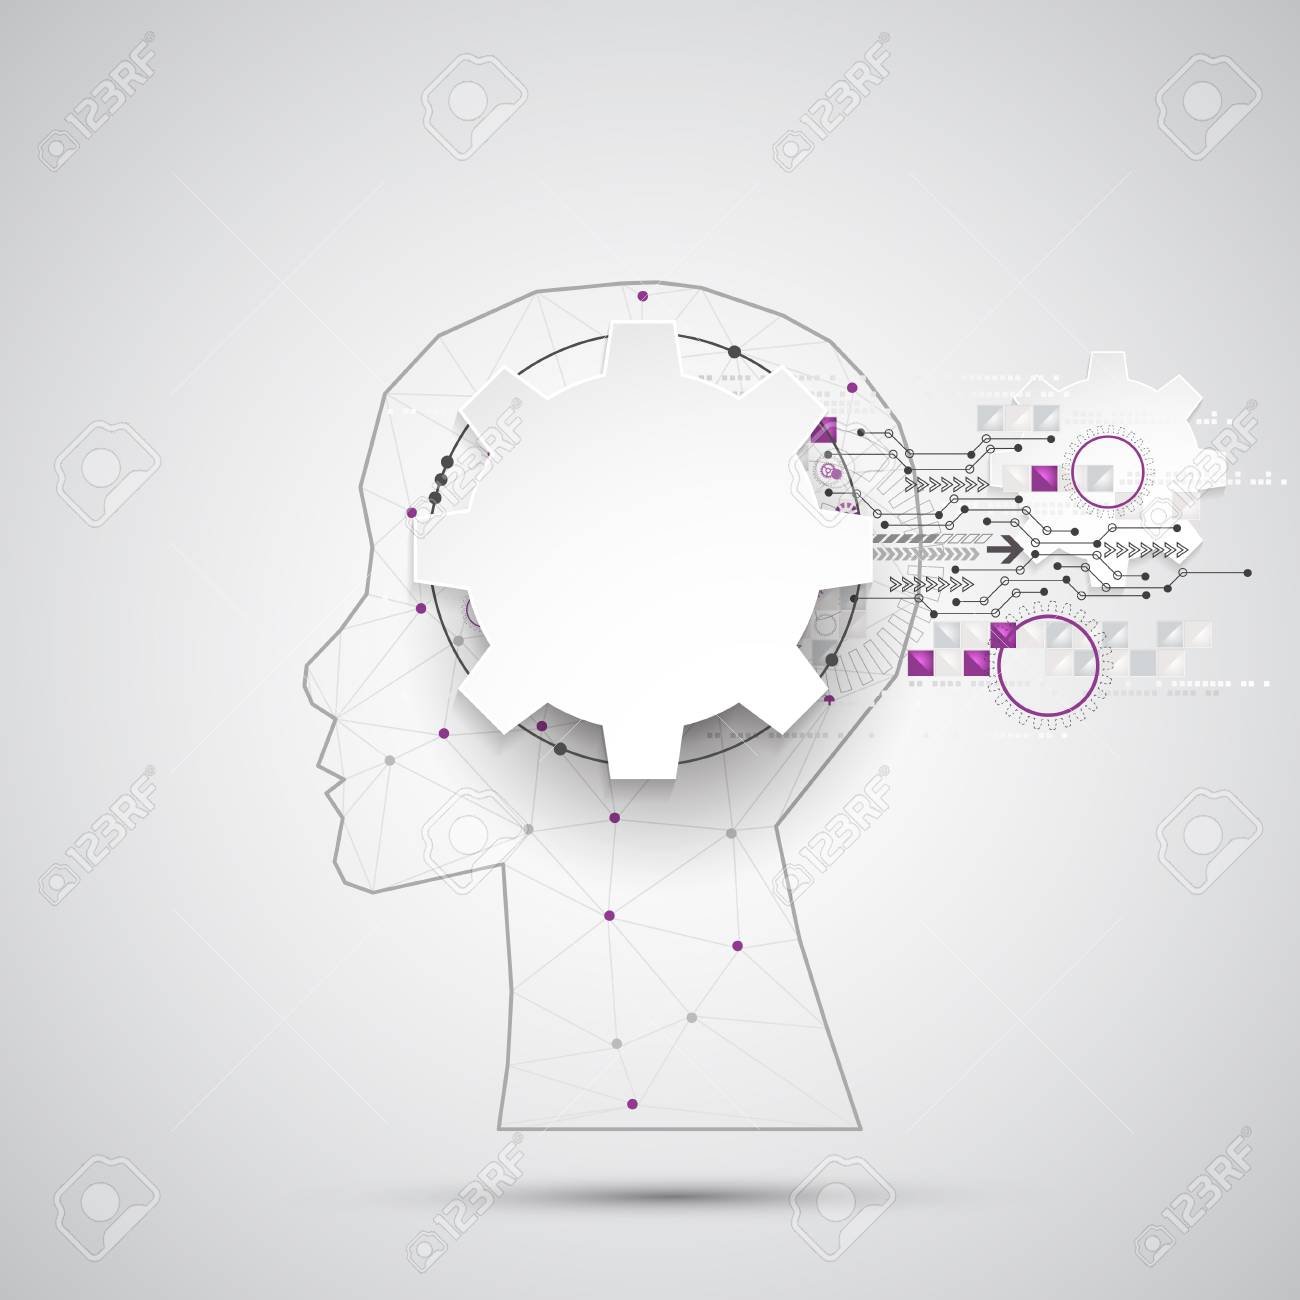 三角形格子と創造的な脳概念の背景人工知能の概念ベクトル科学